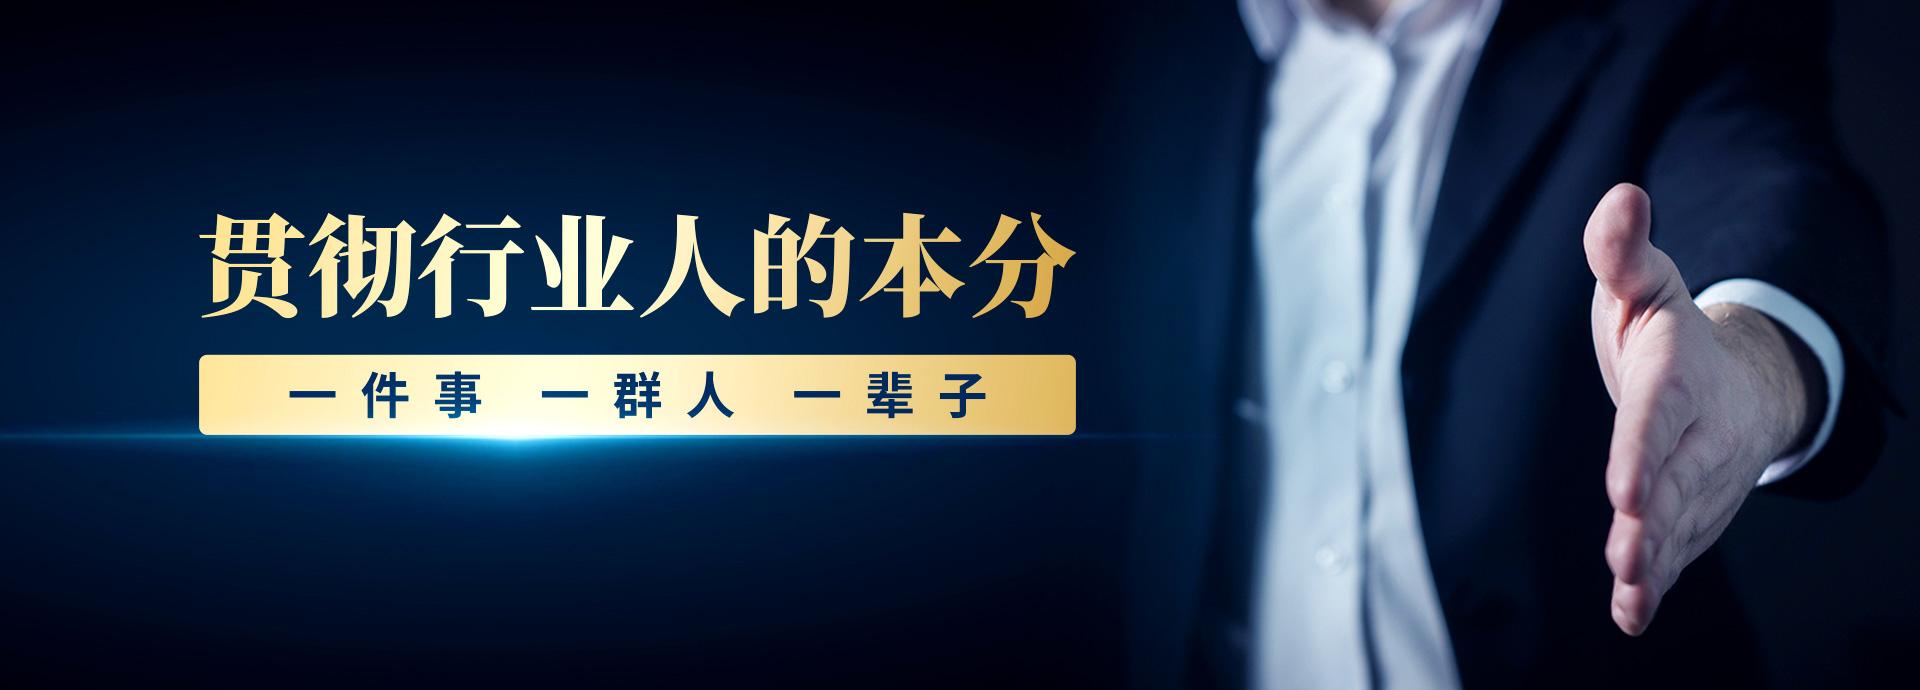 广州道成企业管理咨询公司-阿米巴咨询公司道成简介-阿米巴人才需求banner